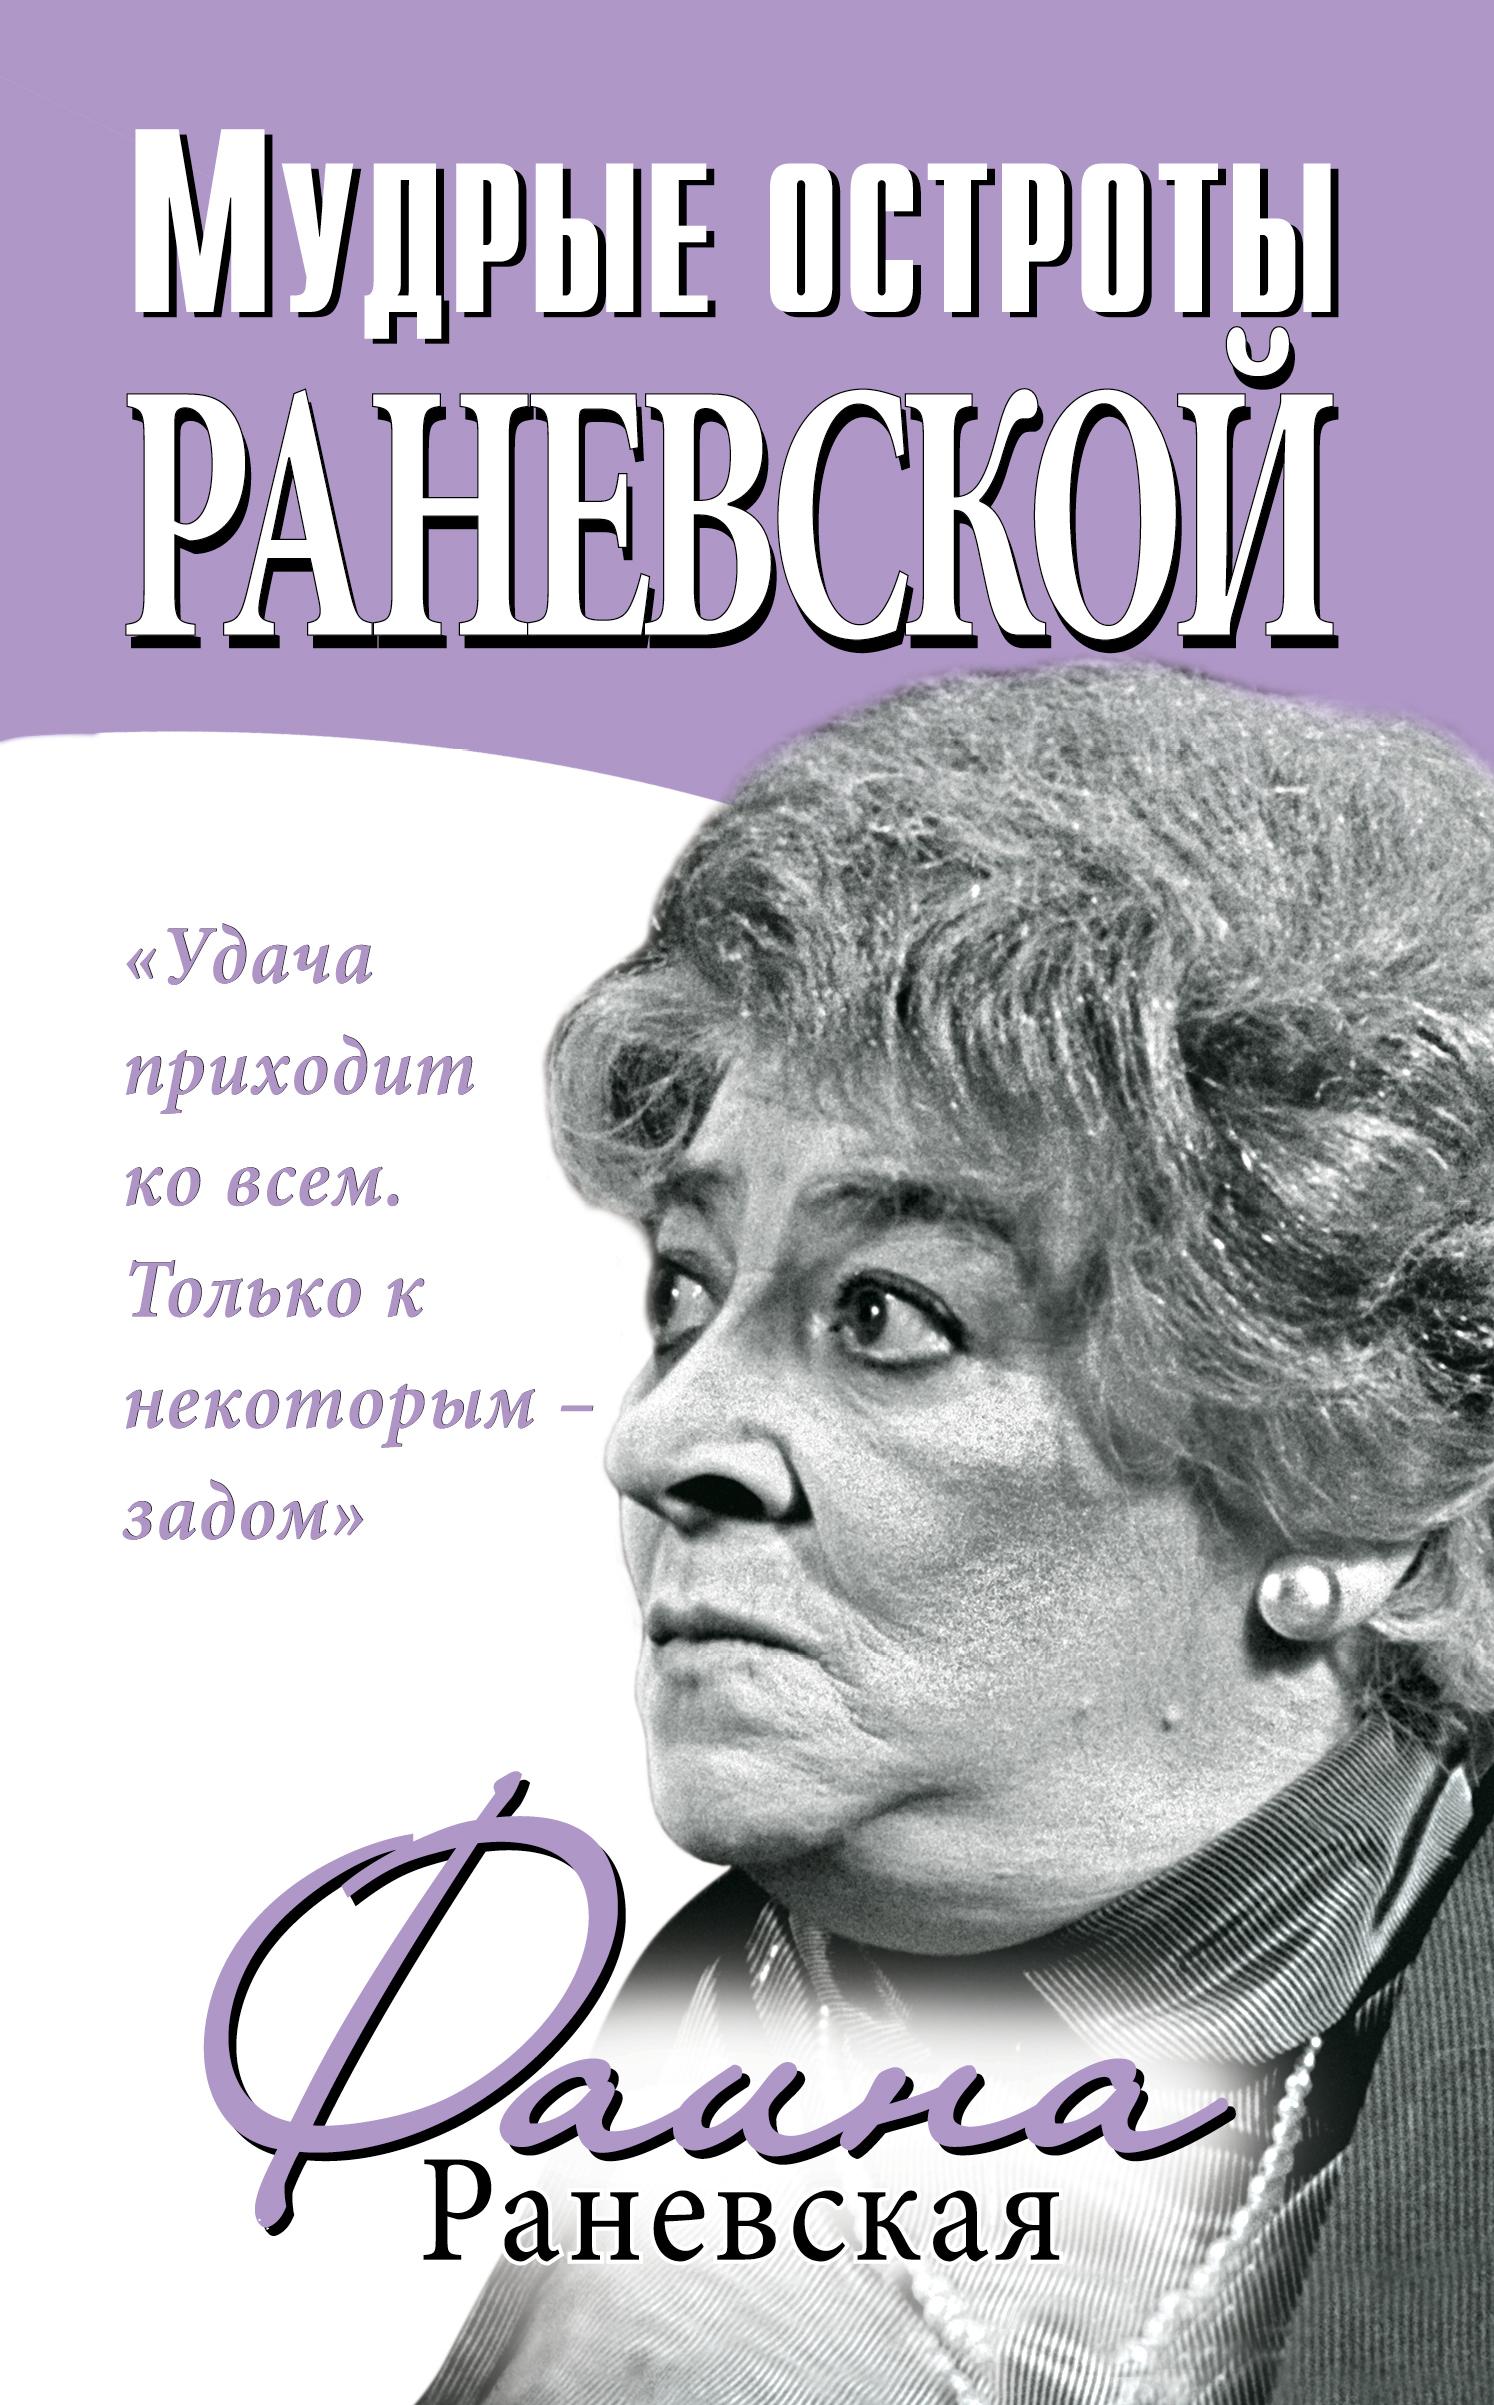 Мудрые остроты Раневской. Впервые!